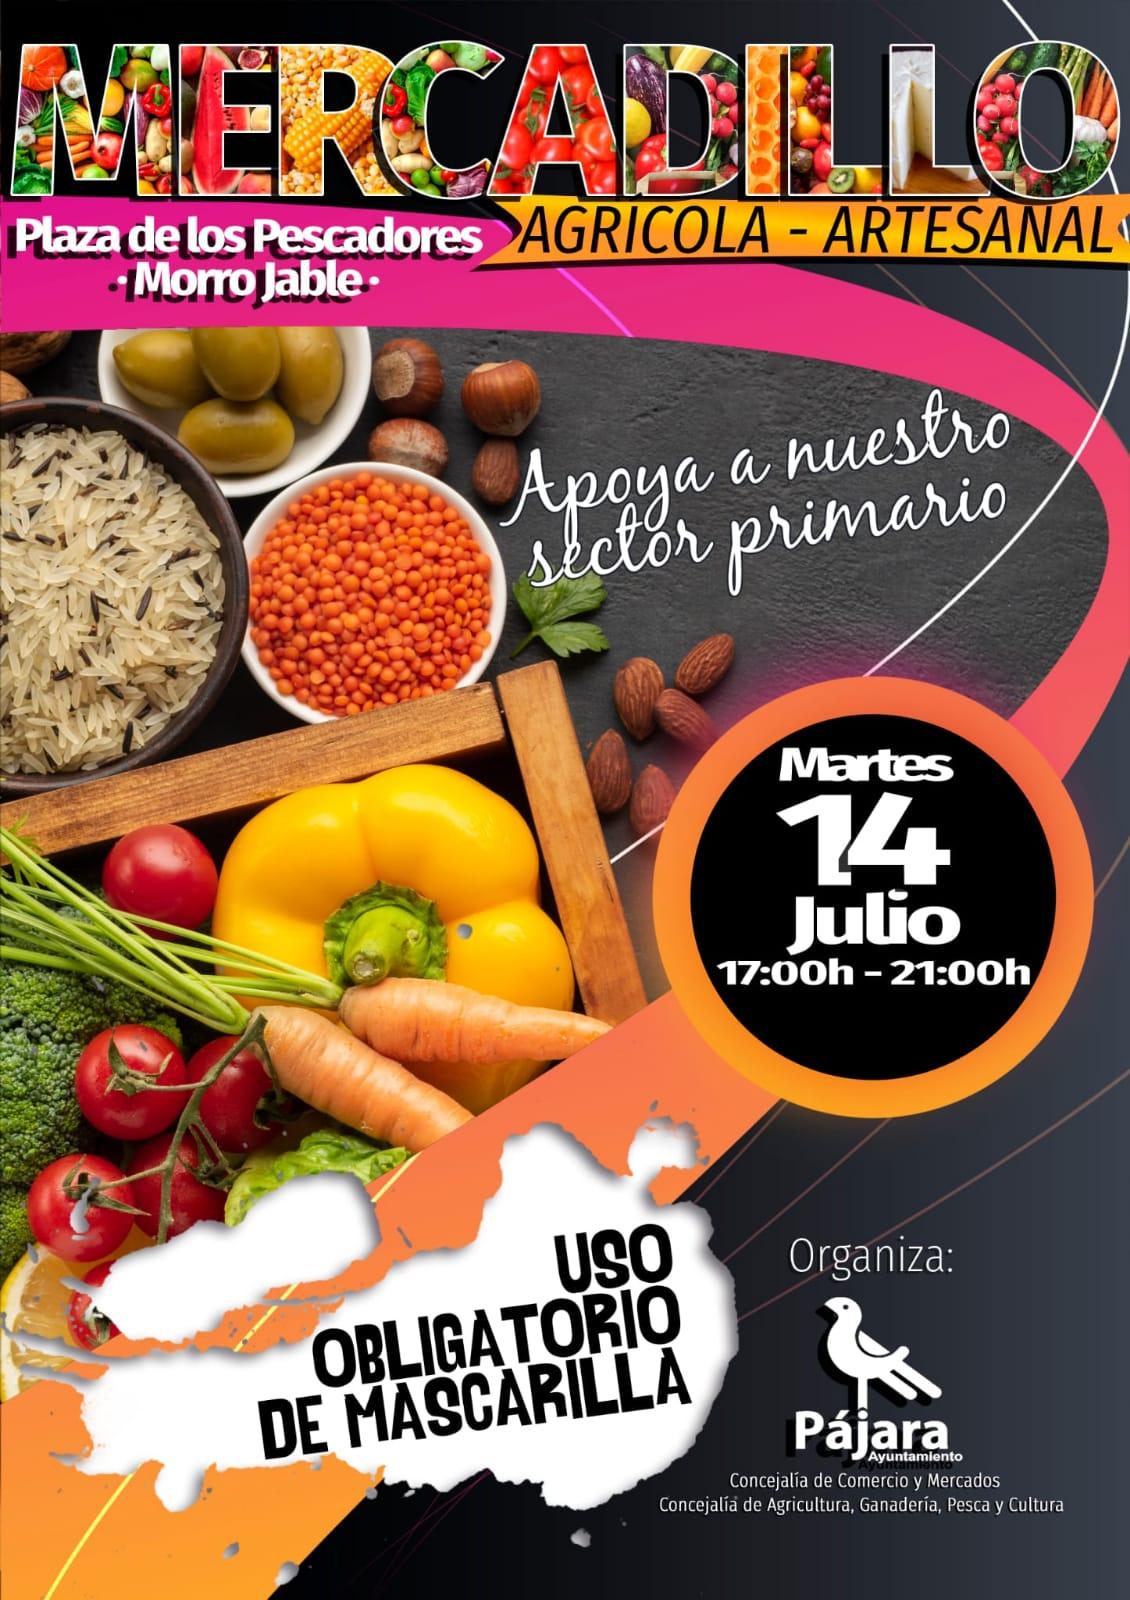 Morro Jable acoge el próximo martes el Mercadillo Agrícola y Artesanal